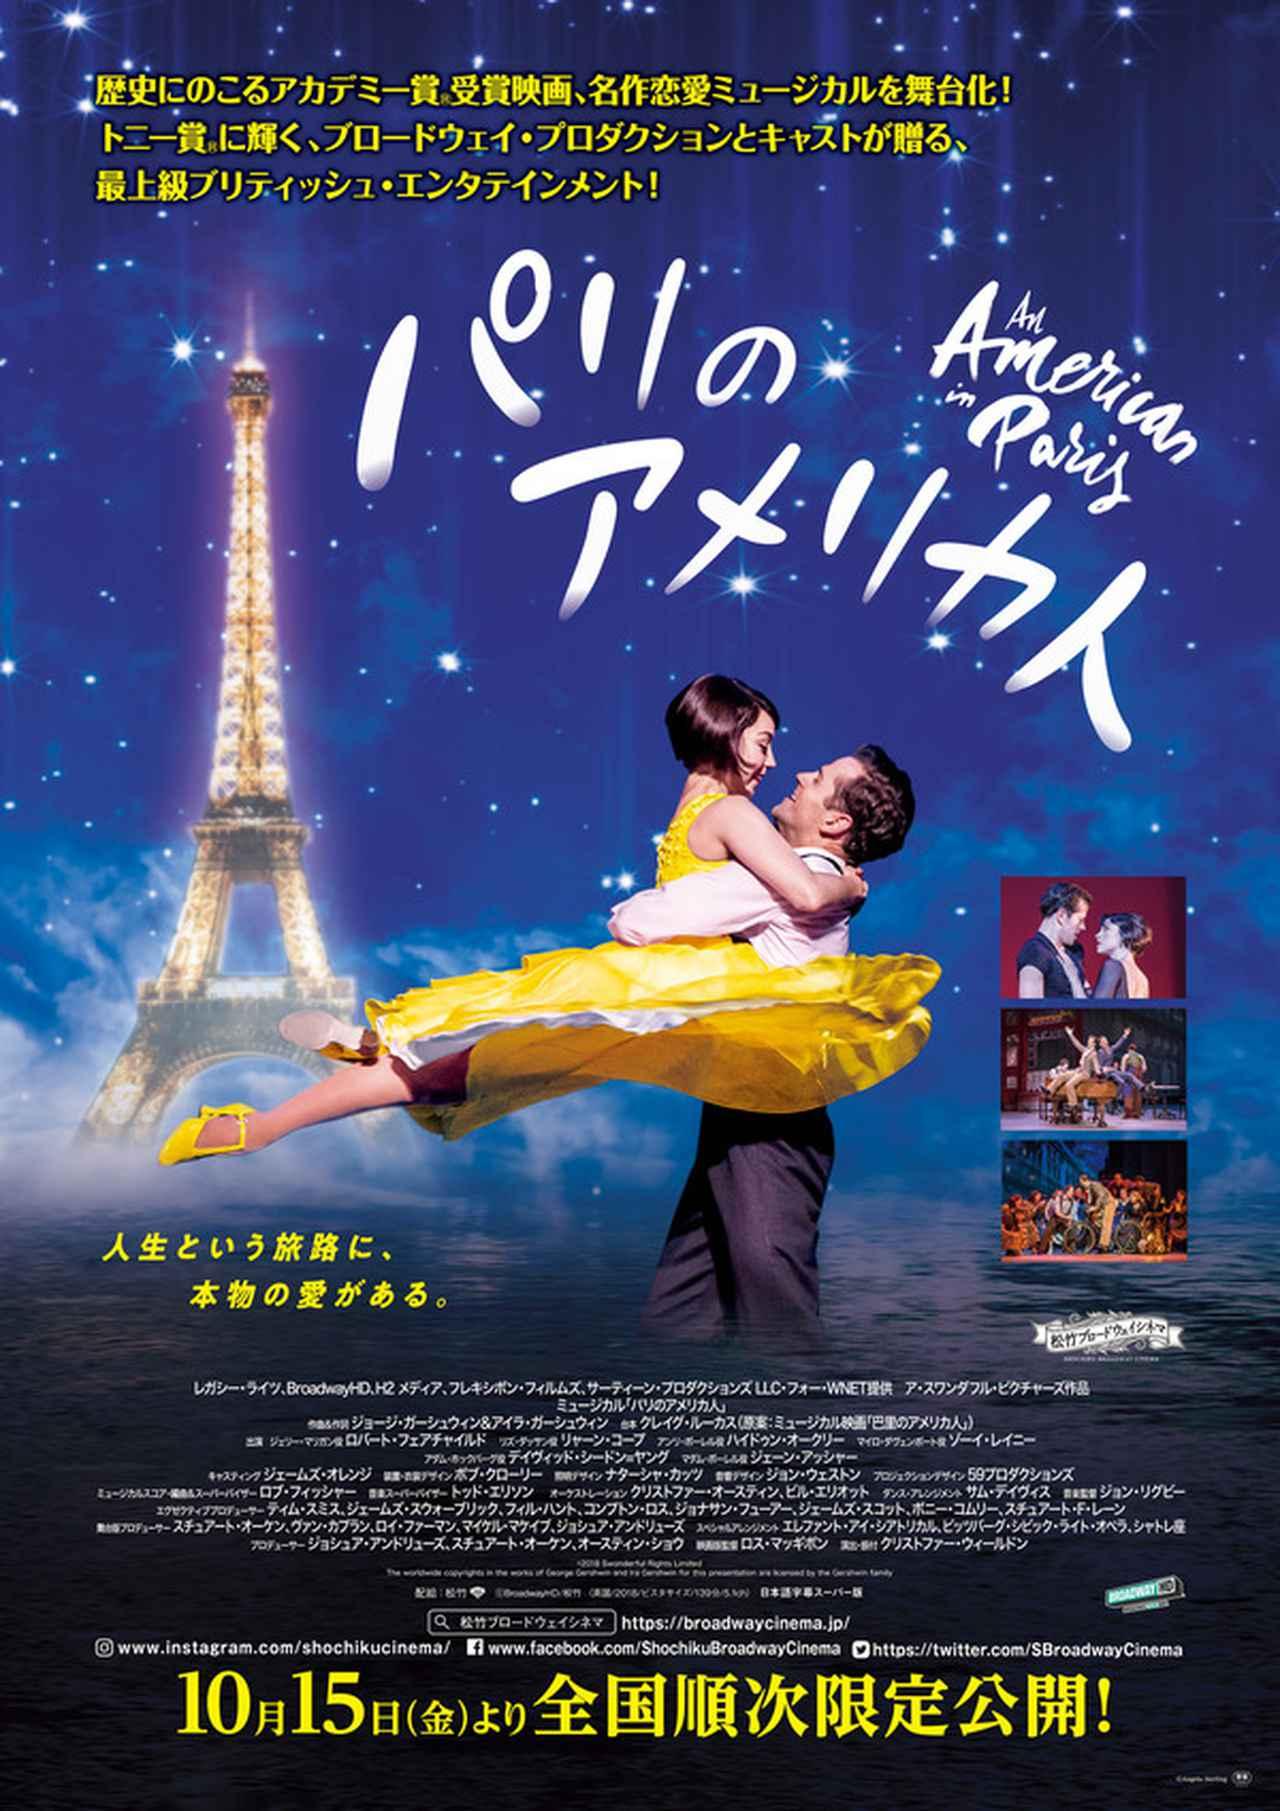 画像: 傑作ミュージカル『パリのアメリカ人』の舞台版が映画館で公開! | RBB TODAY